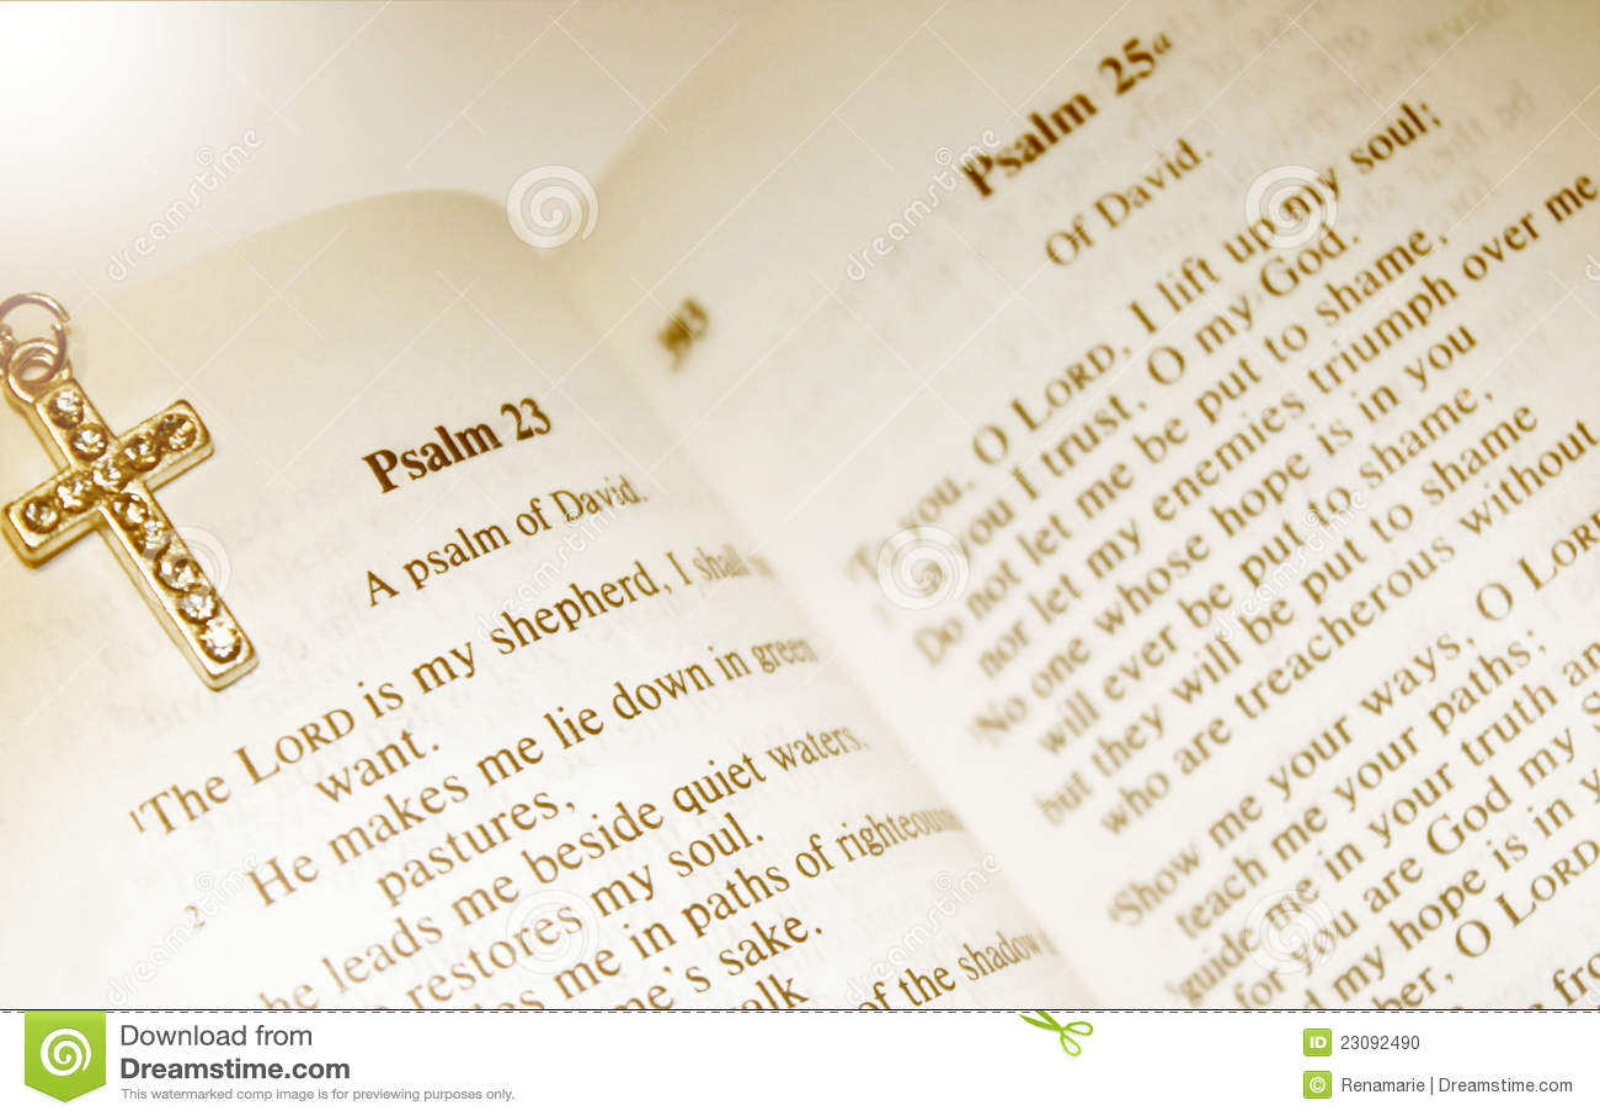 Salmo 23 - El señor Is My Shepherd